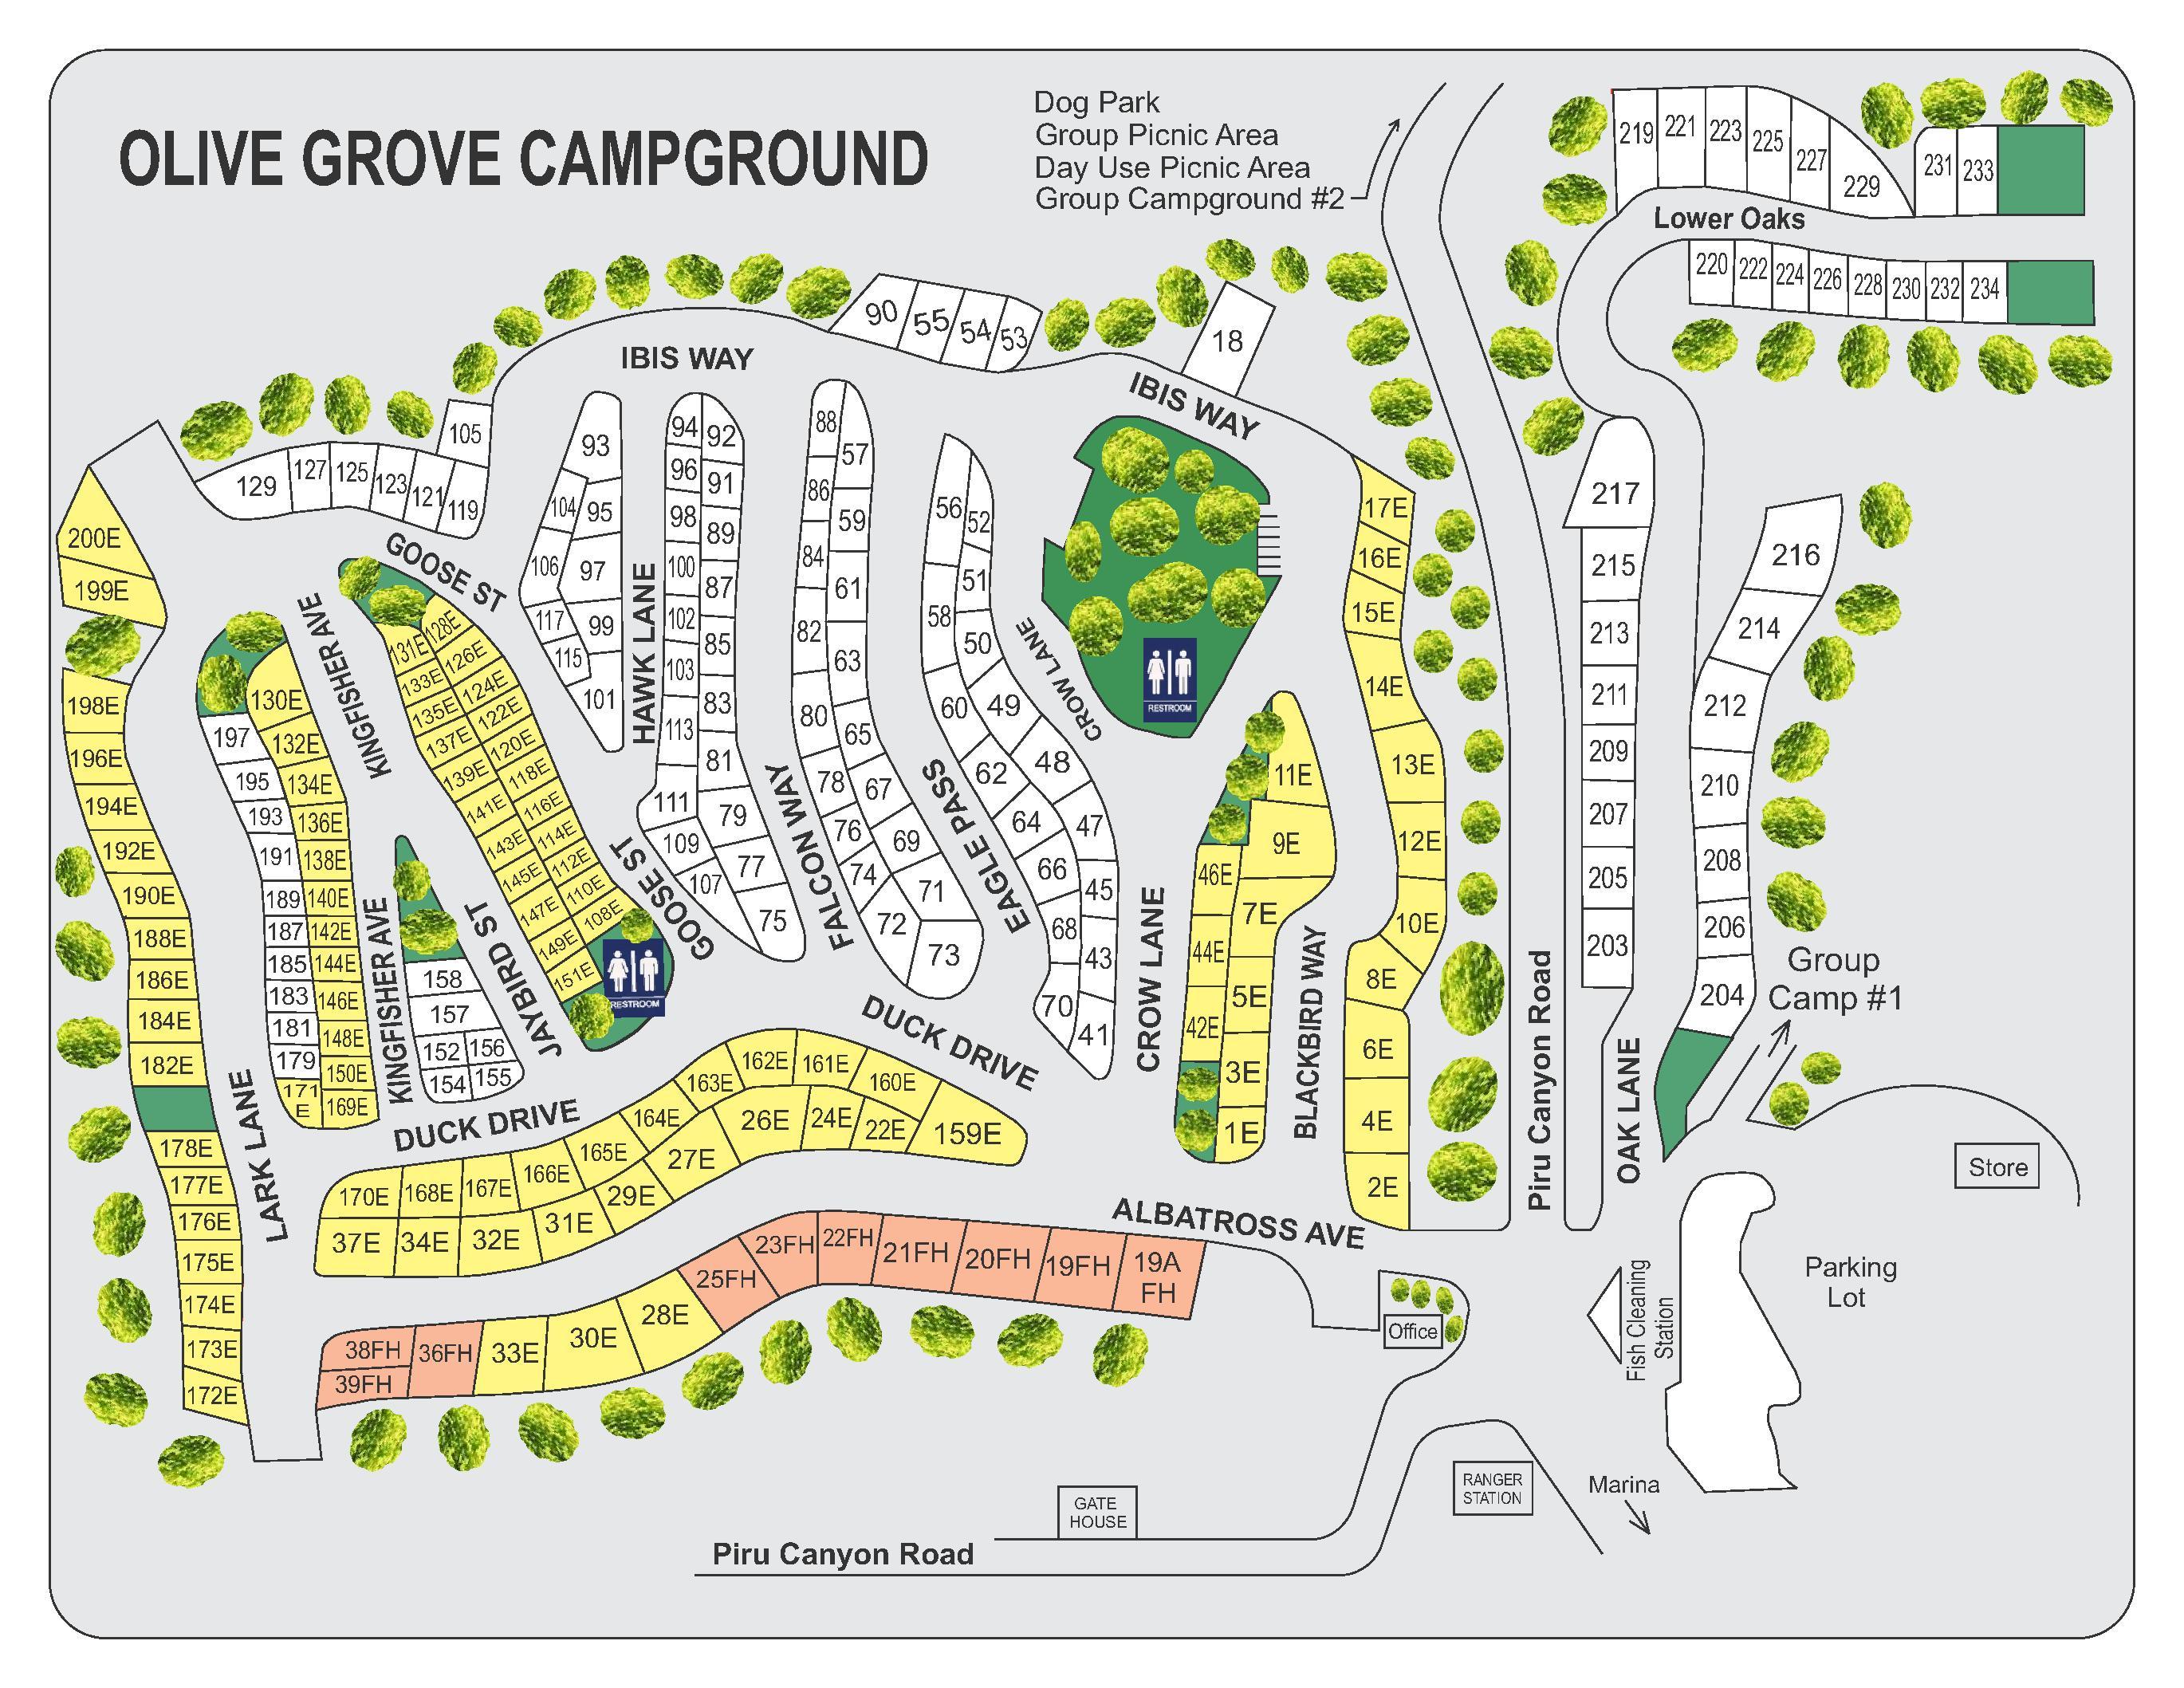 Big Sur Pyramid Lake Isabella California Camping New Map - Touran - California Camping Sites Map